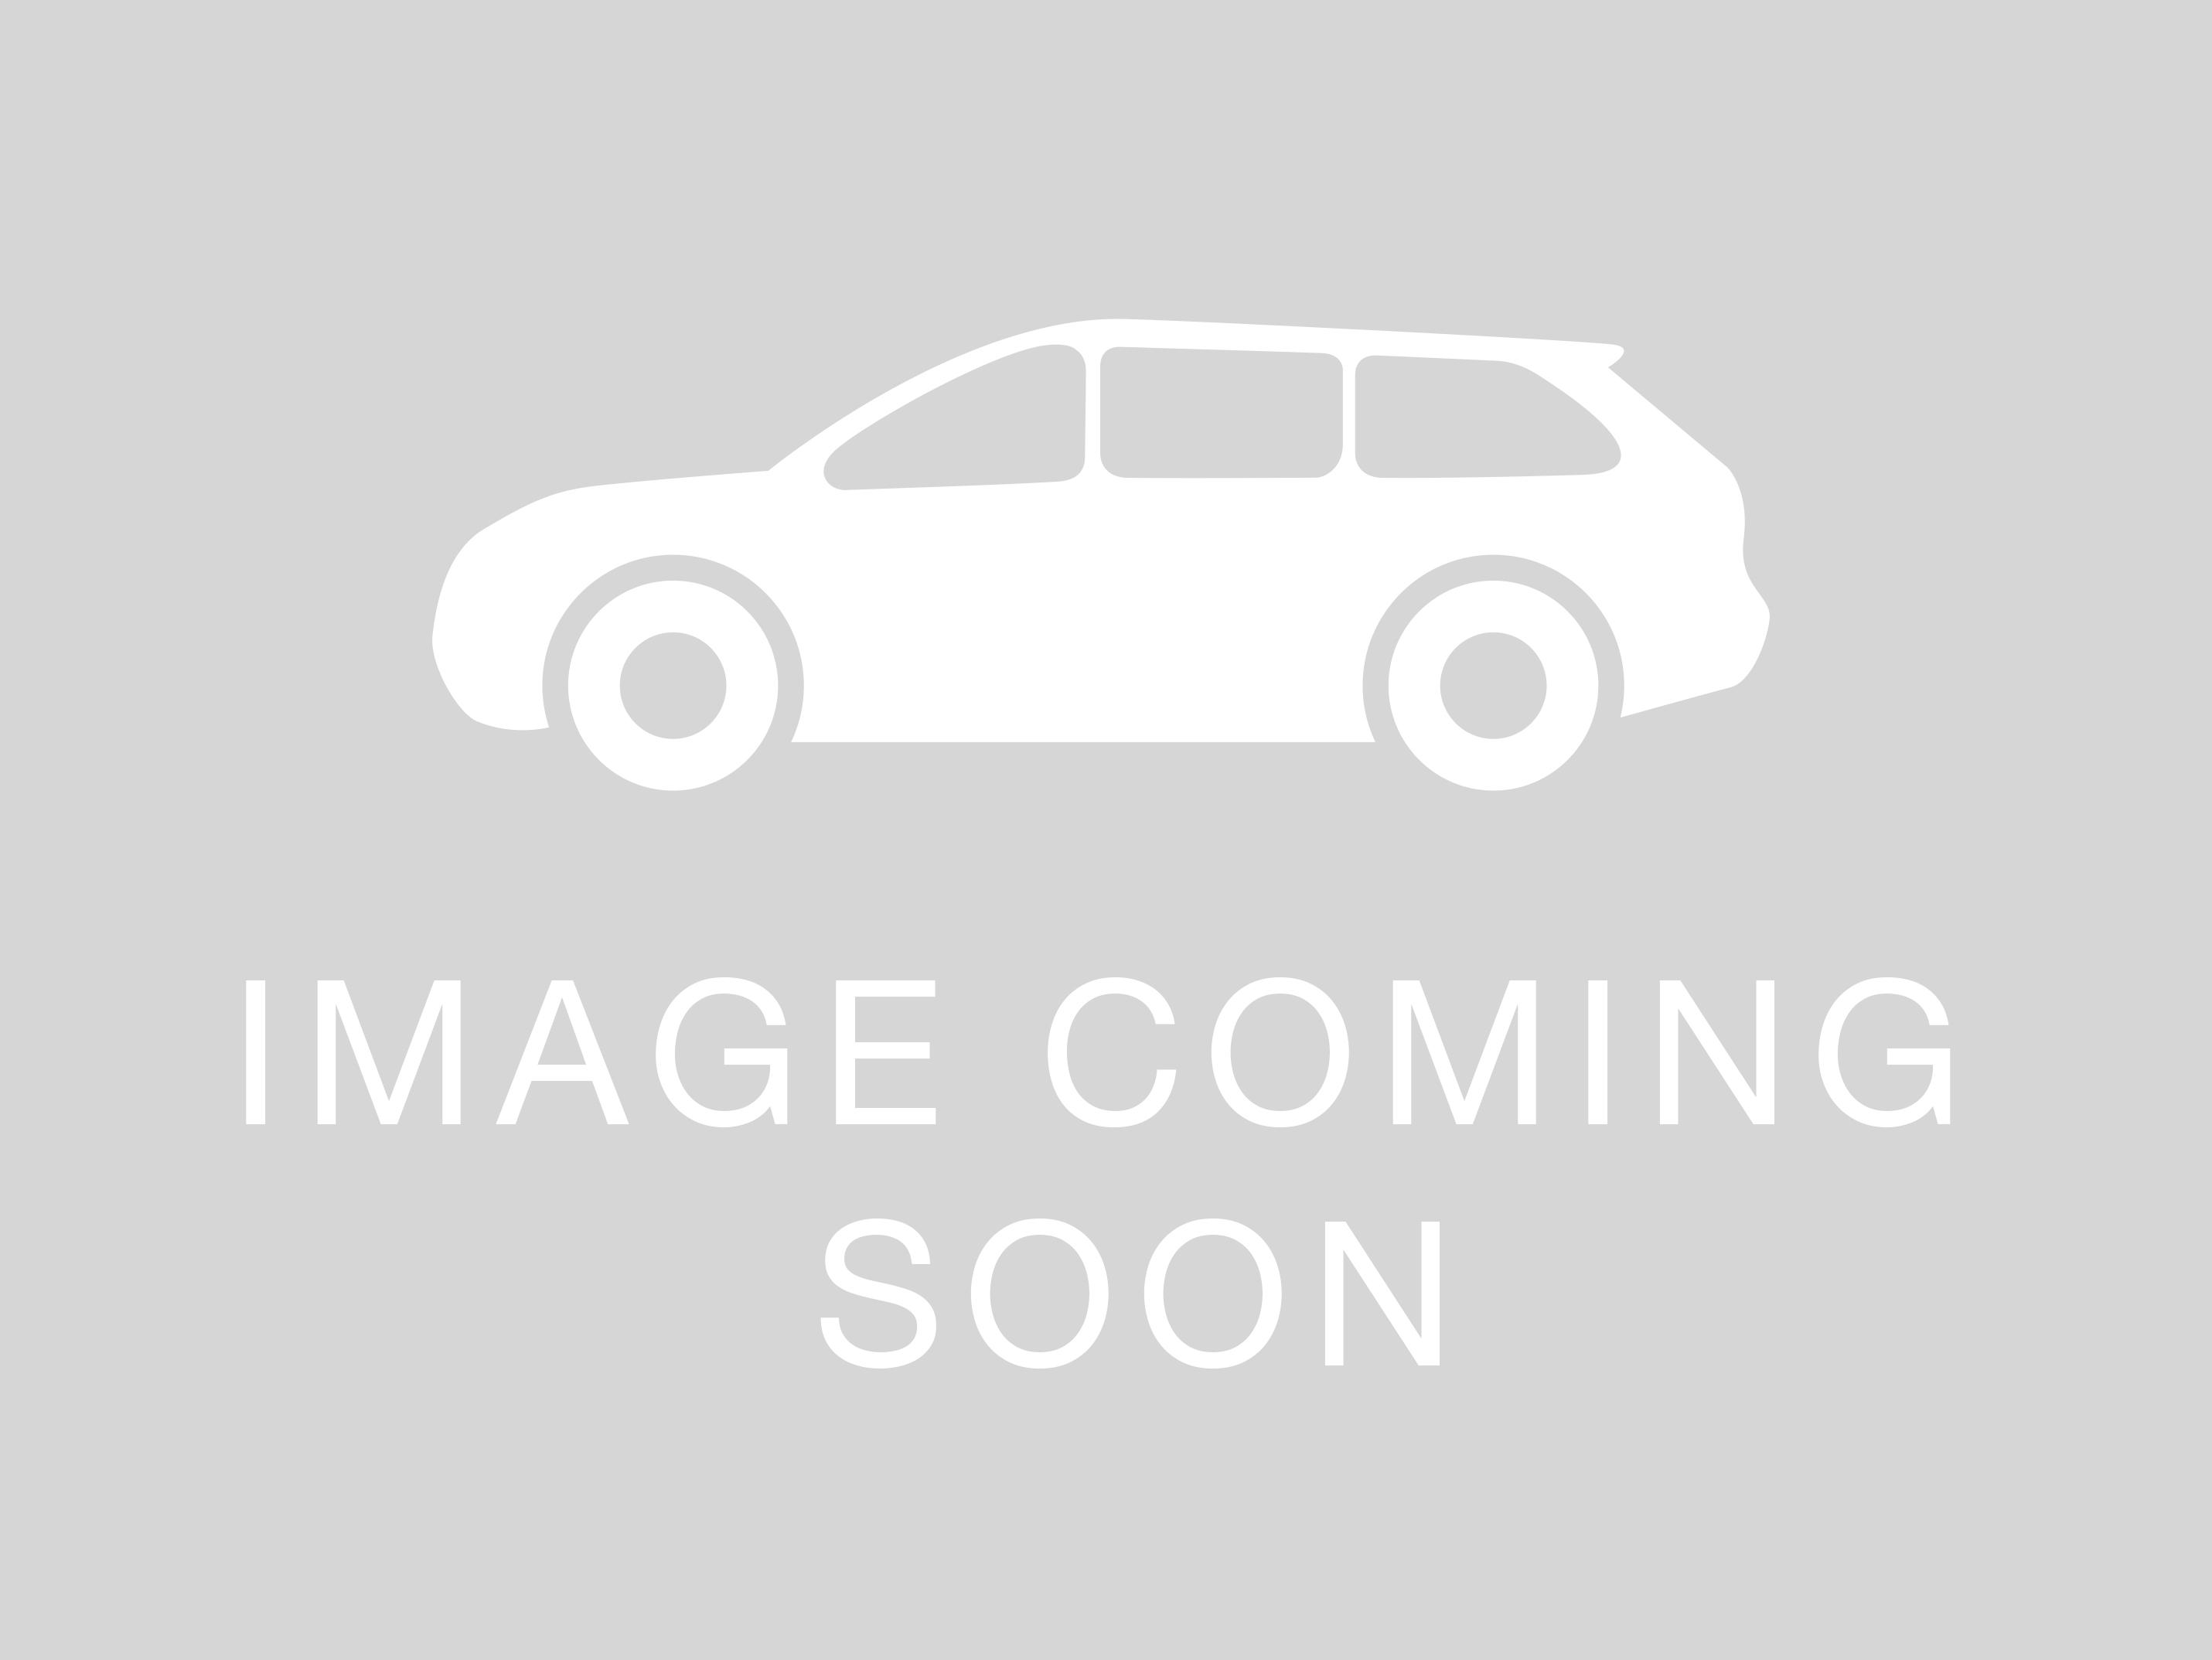 Used Hyundai 2019 Santa Fe Dm Tm Limited 2 2d 4wd At Bowater Hyundai Hyundai Nz